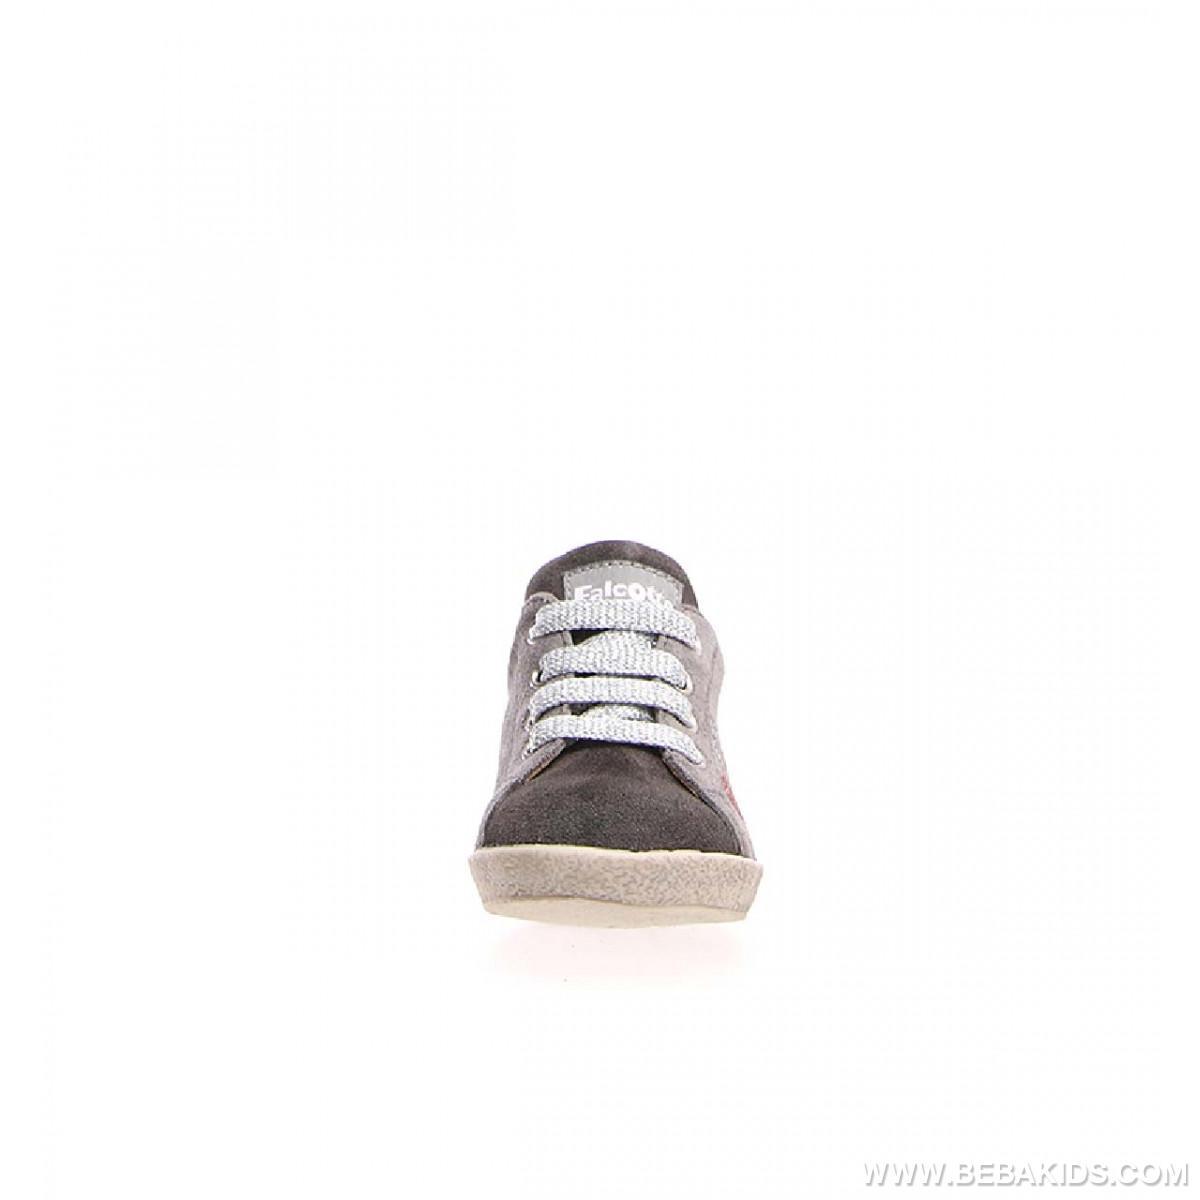 Cipela falc 19-26